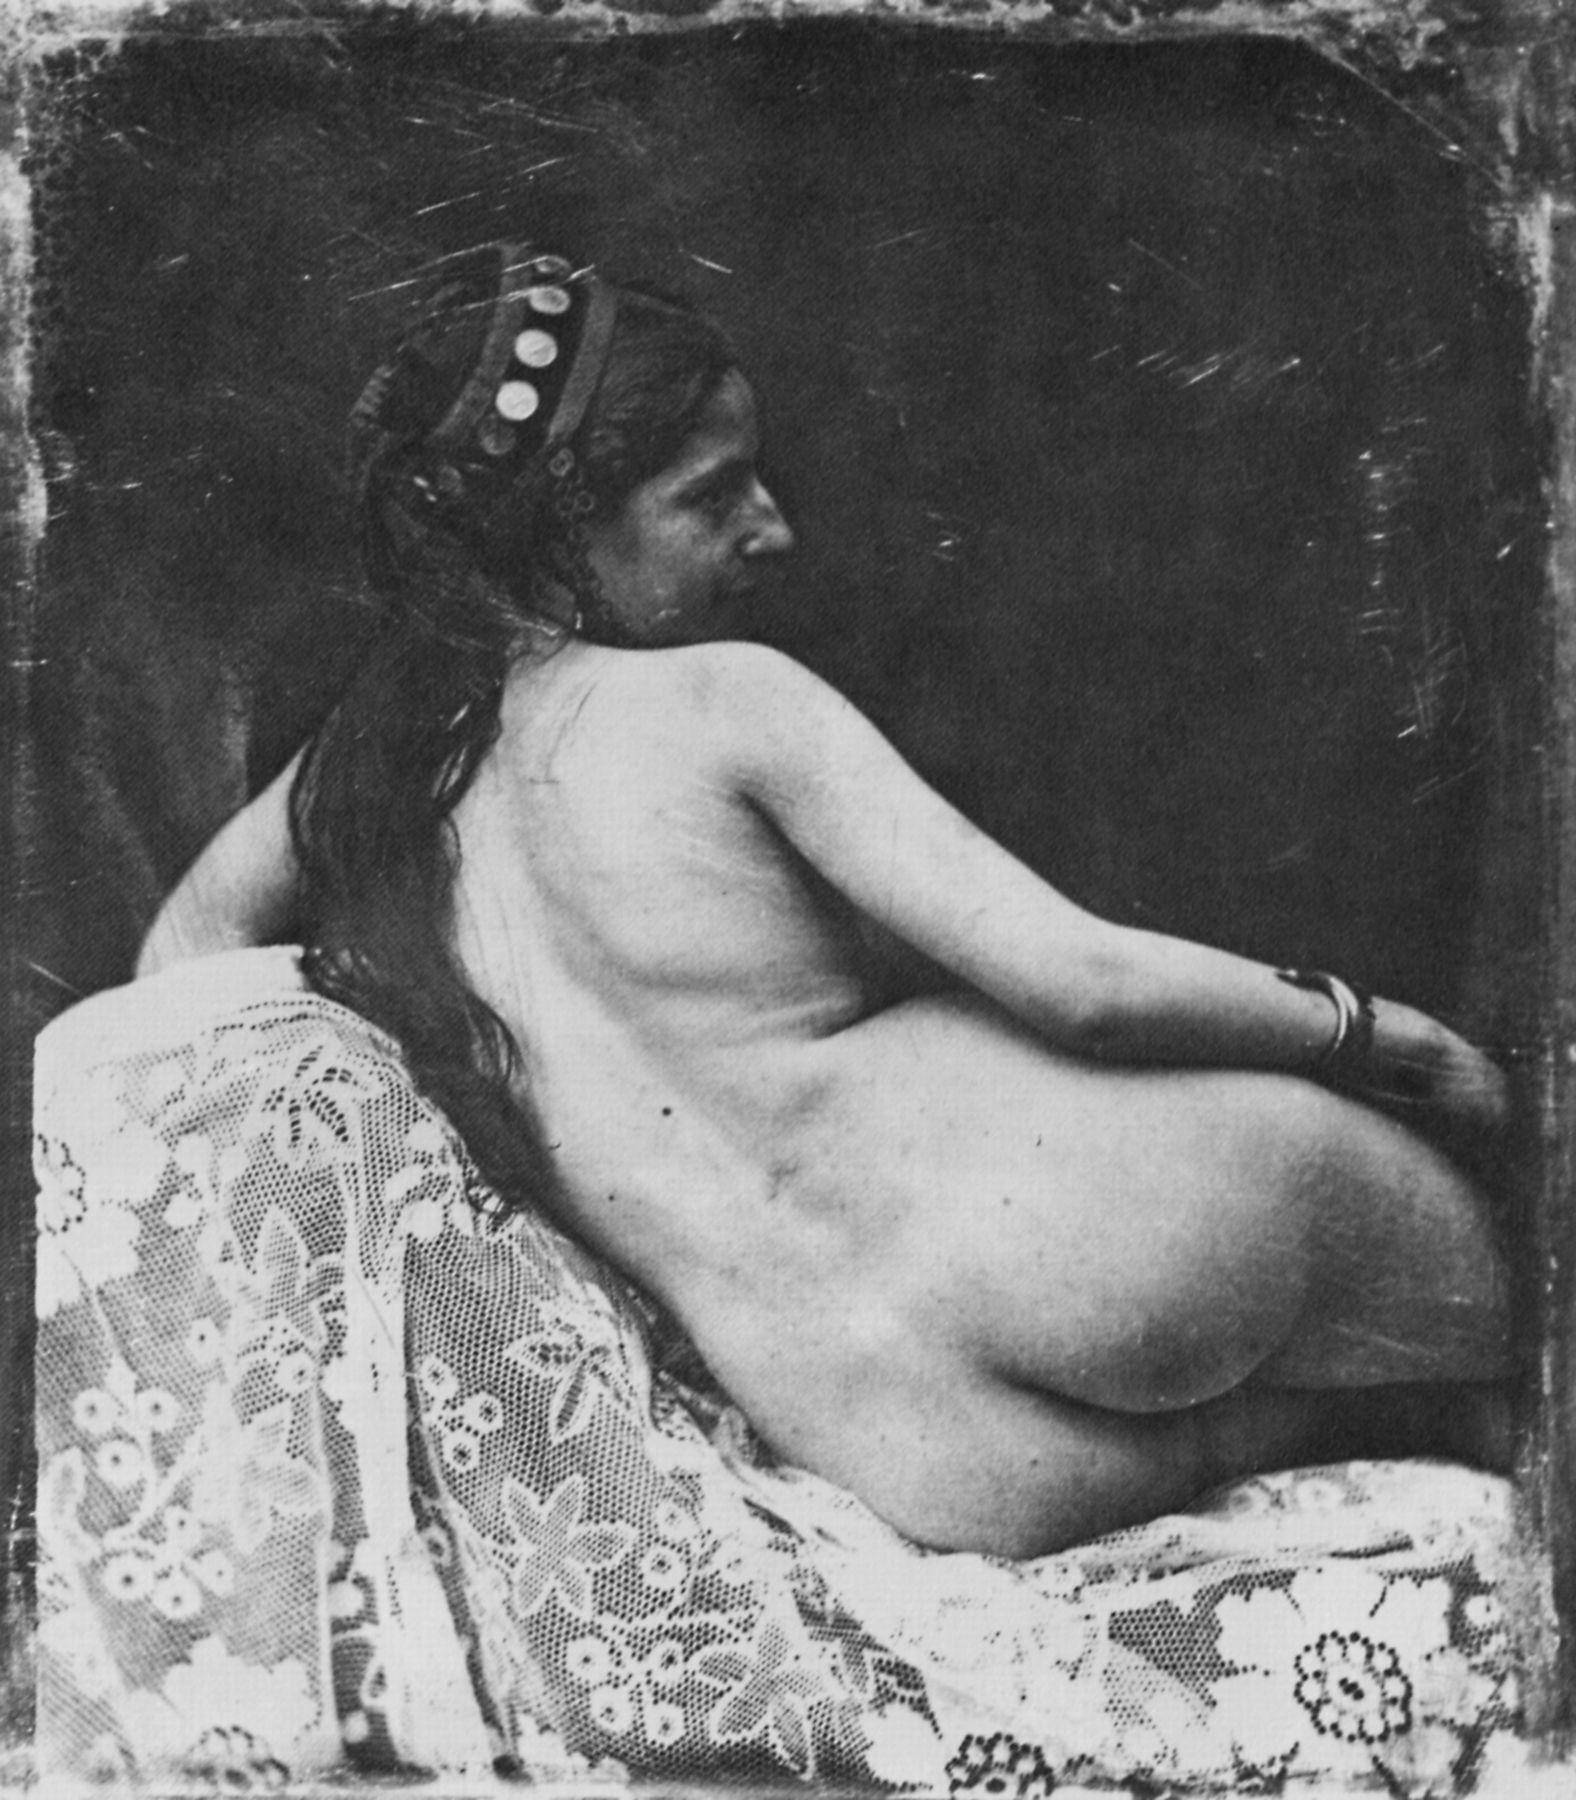 Эротические истории известных писателей 14 фотография